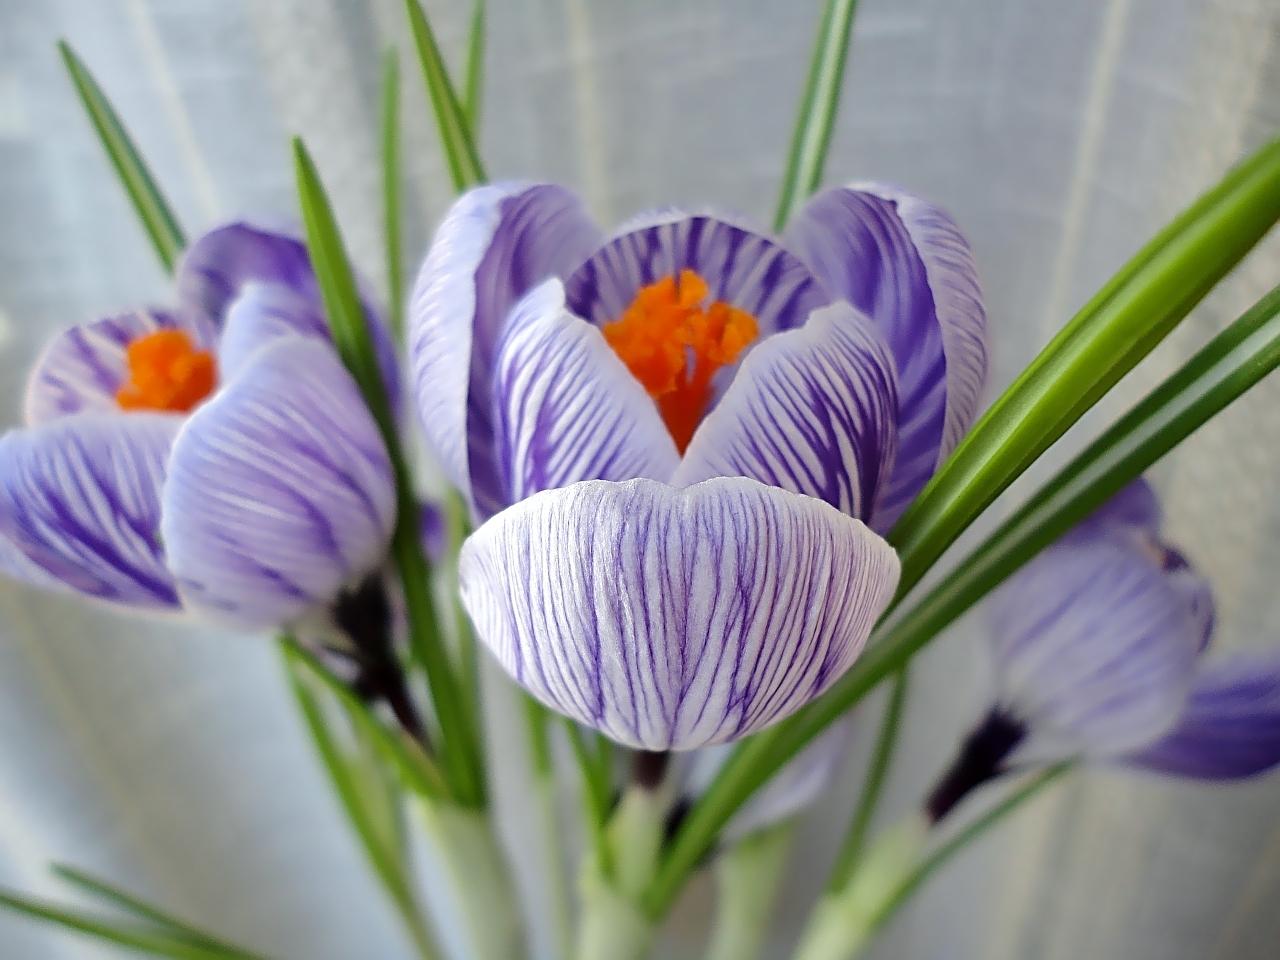 26089 скачать обои Растения, Цветы - заставки и картинки бесплатно